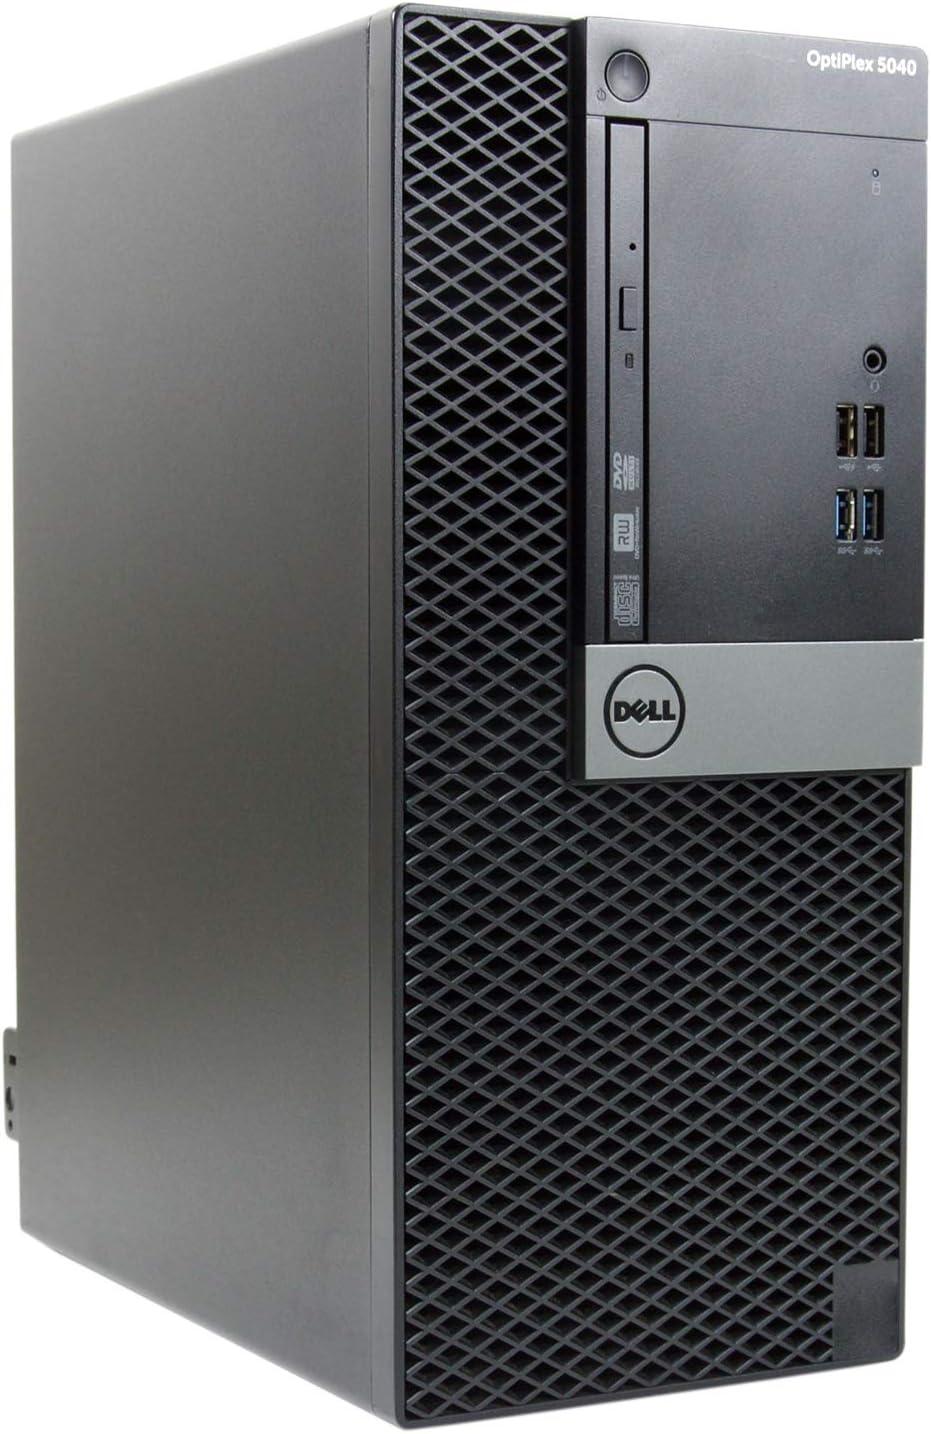 Dell OptiPlex 5040-T, Core i7-6700 3.4GHz, 16GB RAM, 480GB Solid State Drive, DVDRW, Windows 10 Pro 64bit, (Renewed)